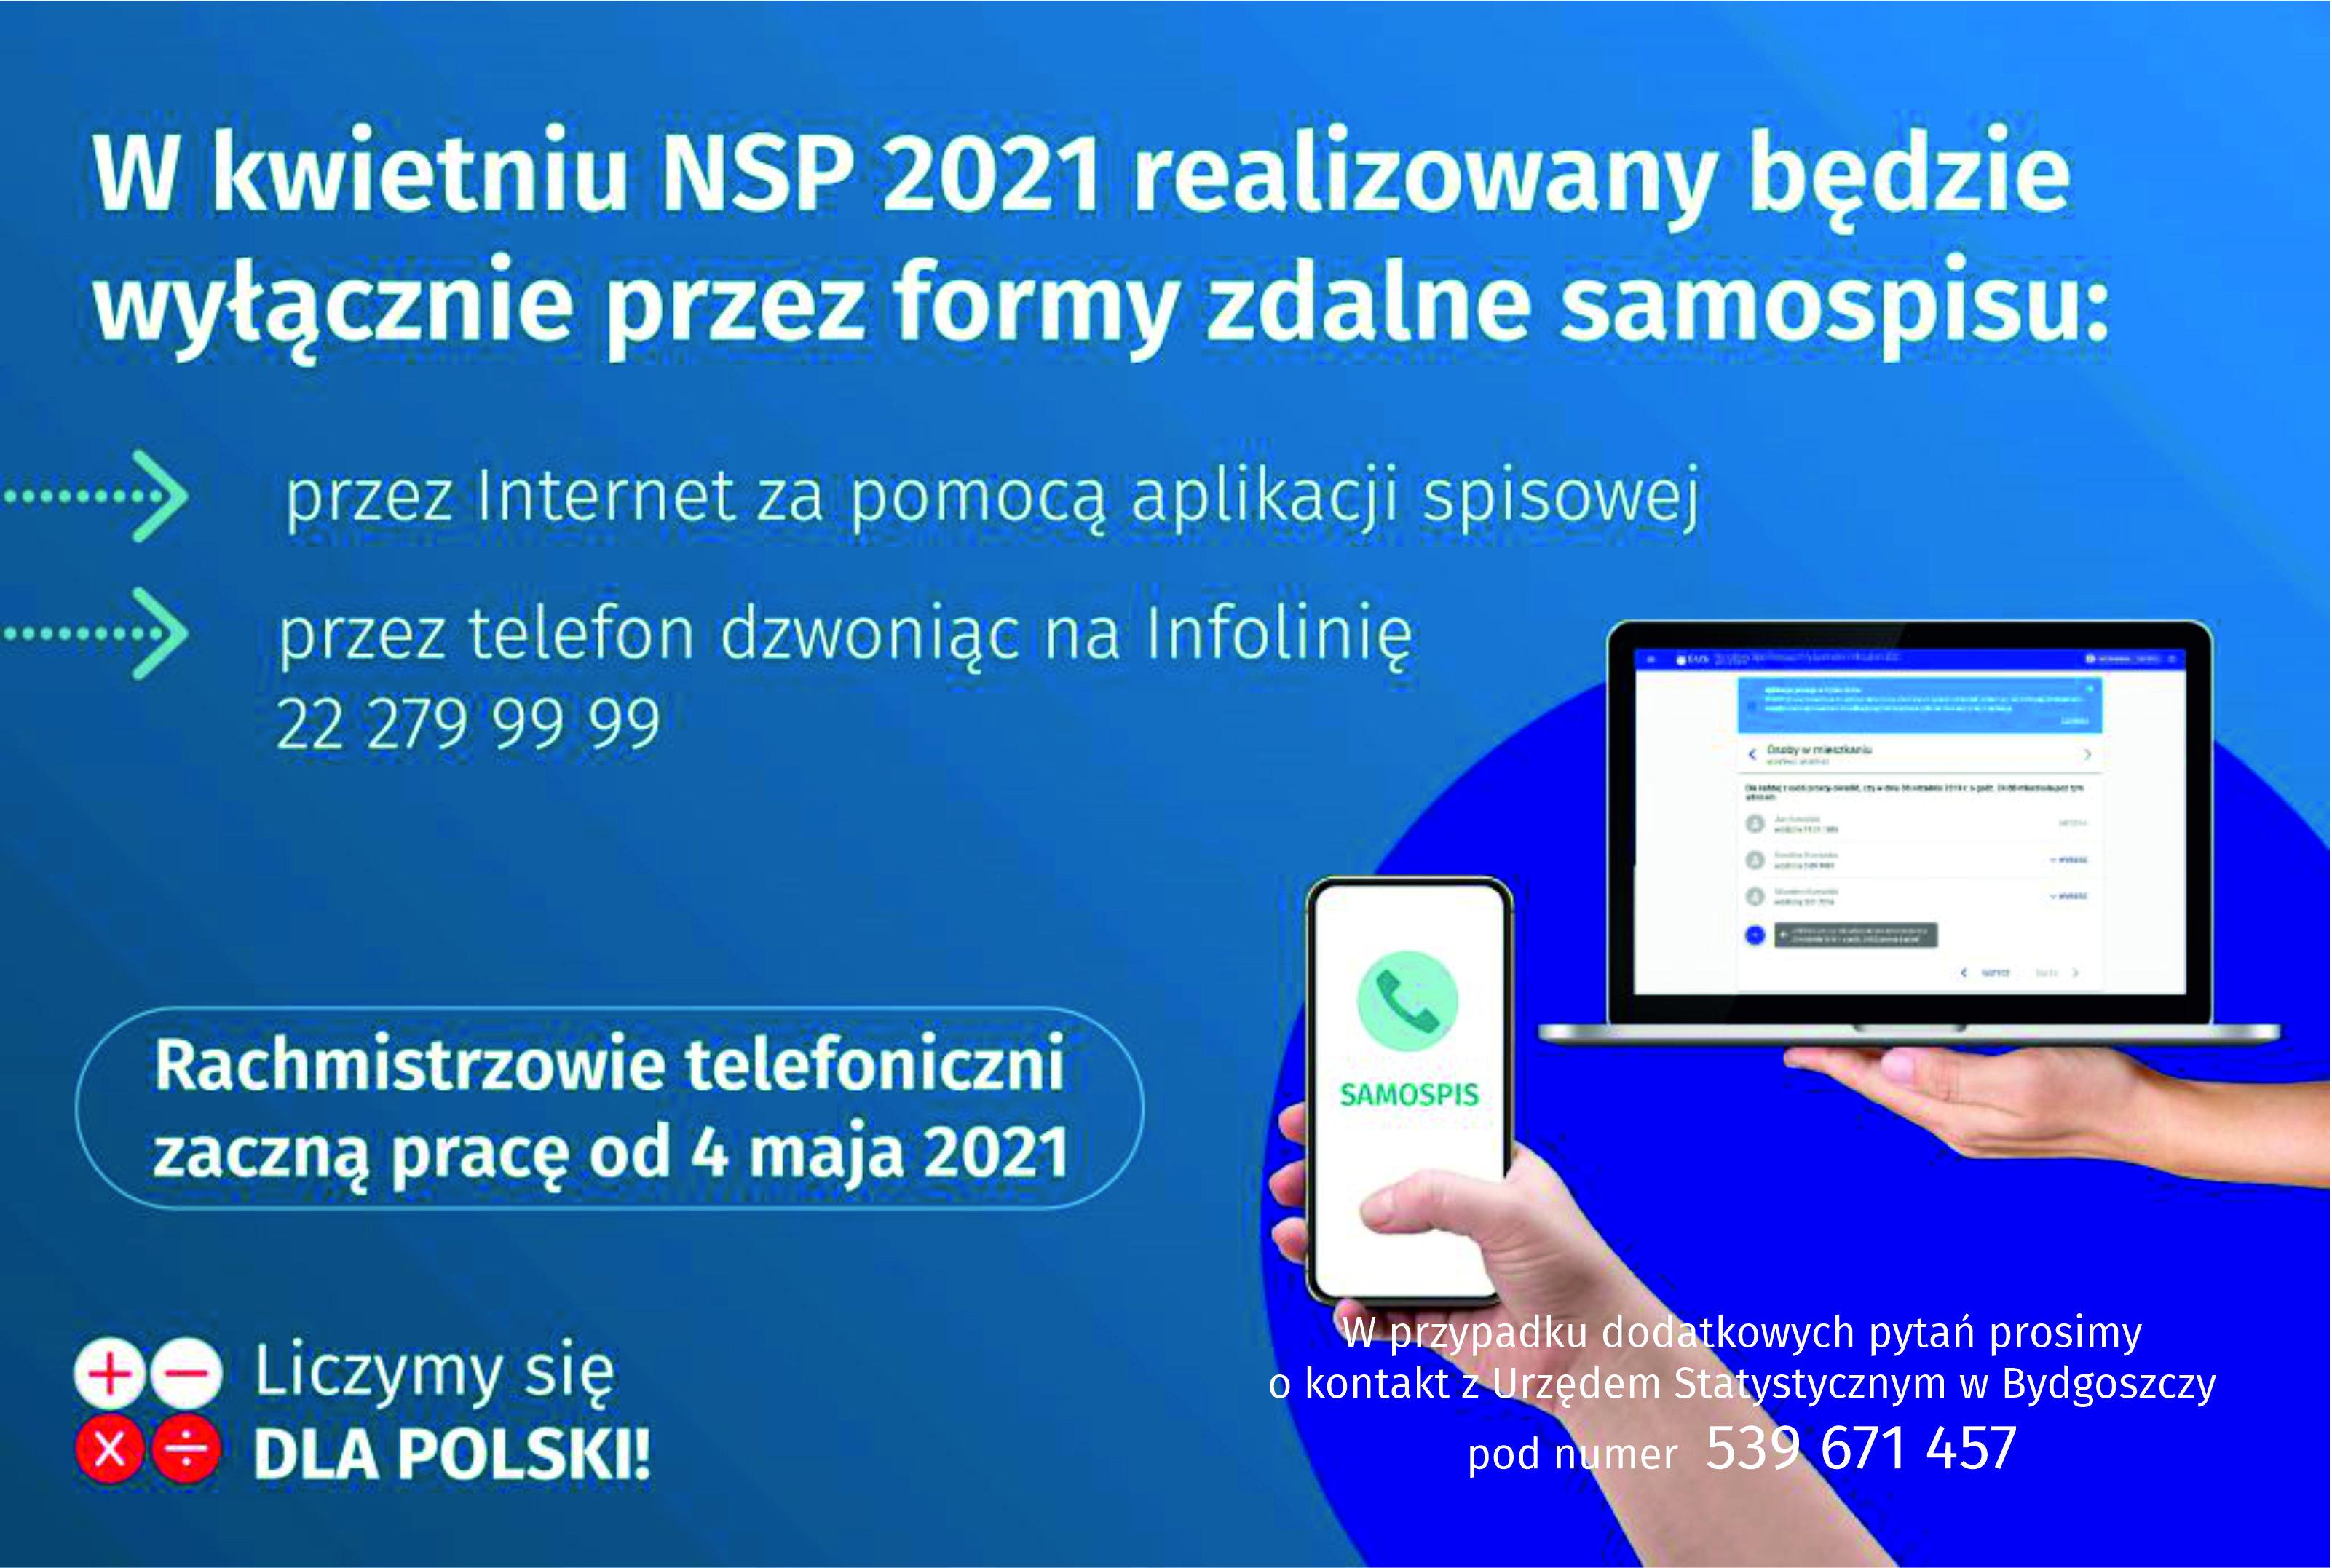 Informacja o metodach realizacji NSP2021_kwiecień.jpg (3.26 MB)